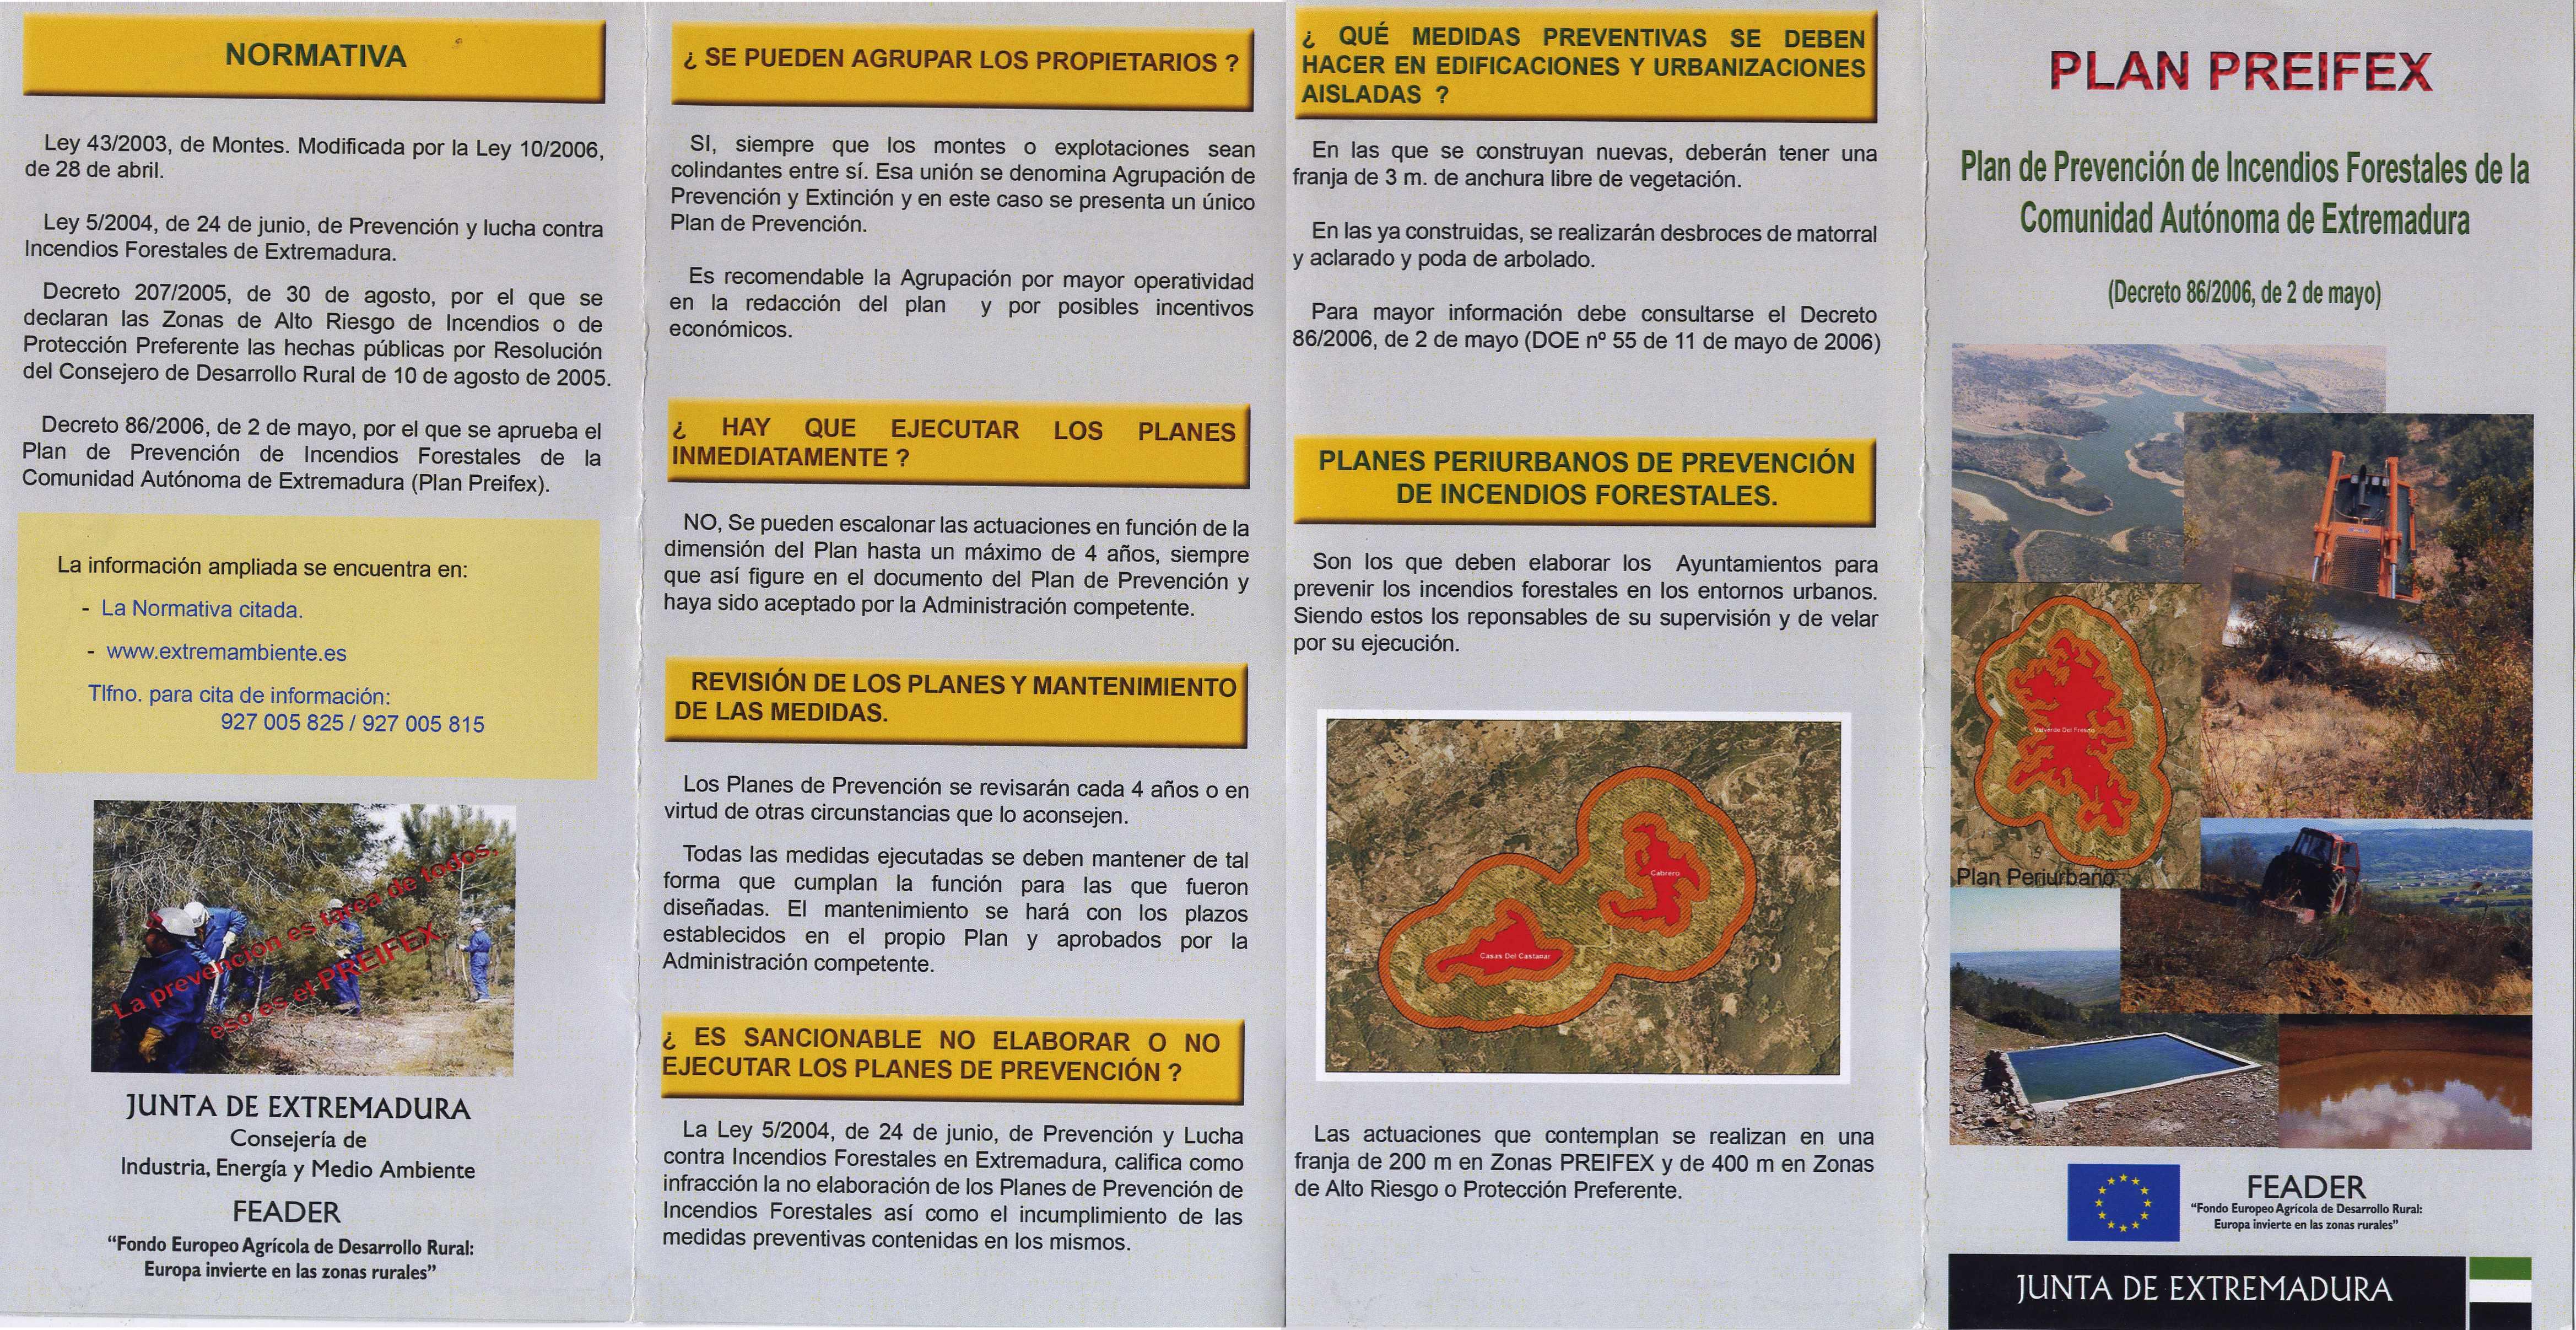 Plan preifex plan de prevenci n de incendios forestales for Medidas contra incendios